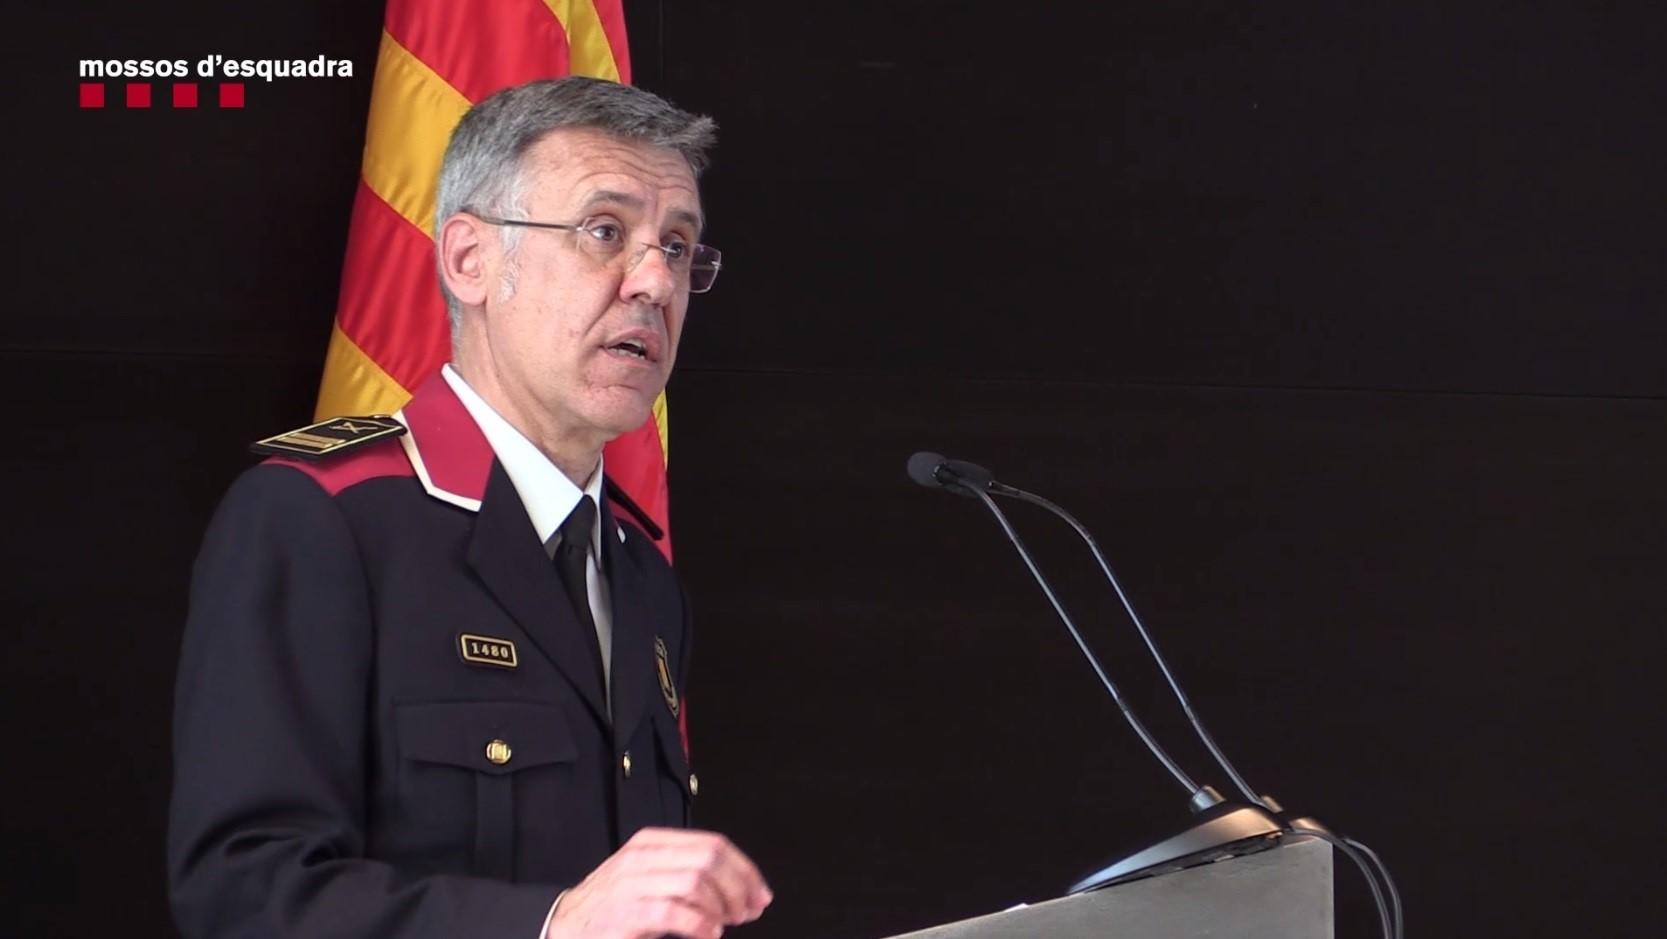 El excomisario jefe de los Mossos defiende su gestión que se ha basado en «recuperar la normalidad institucional»